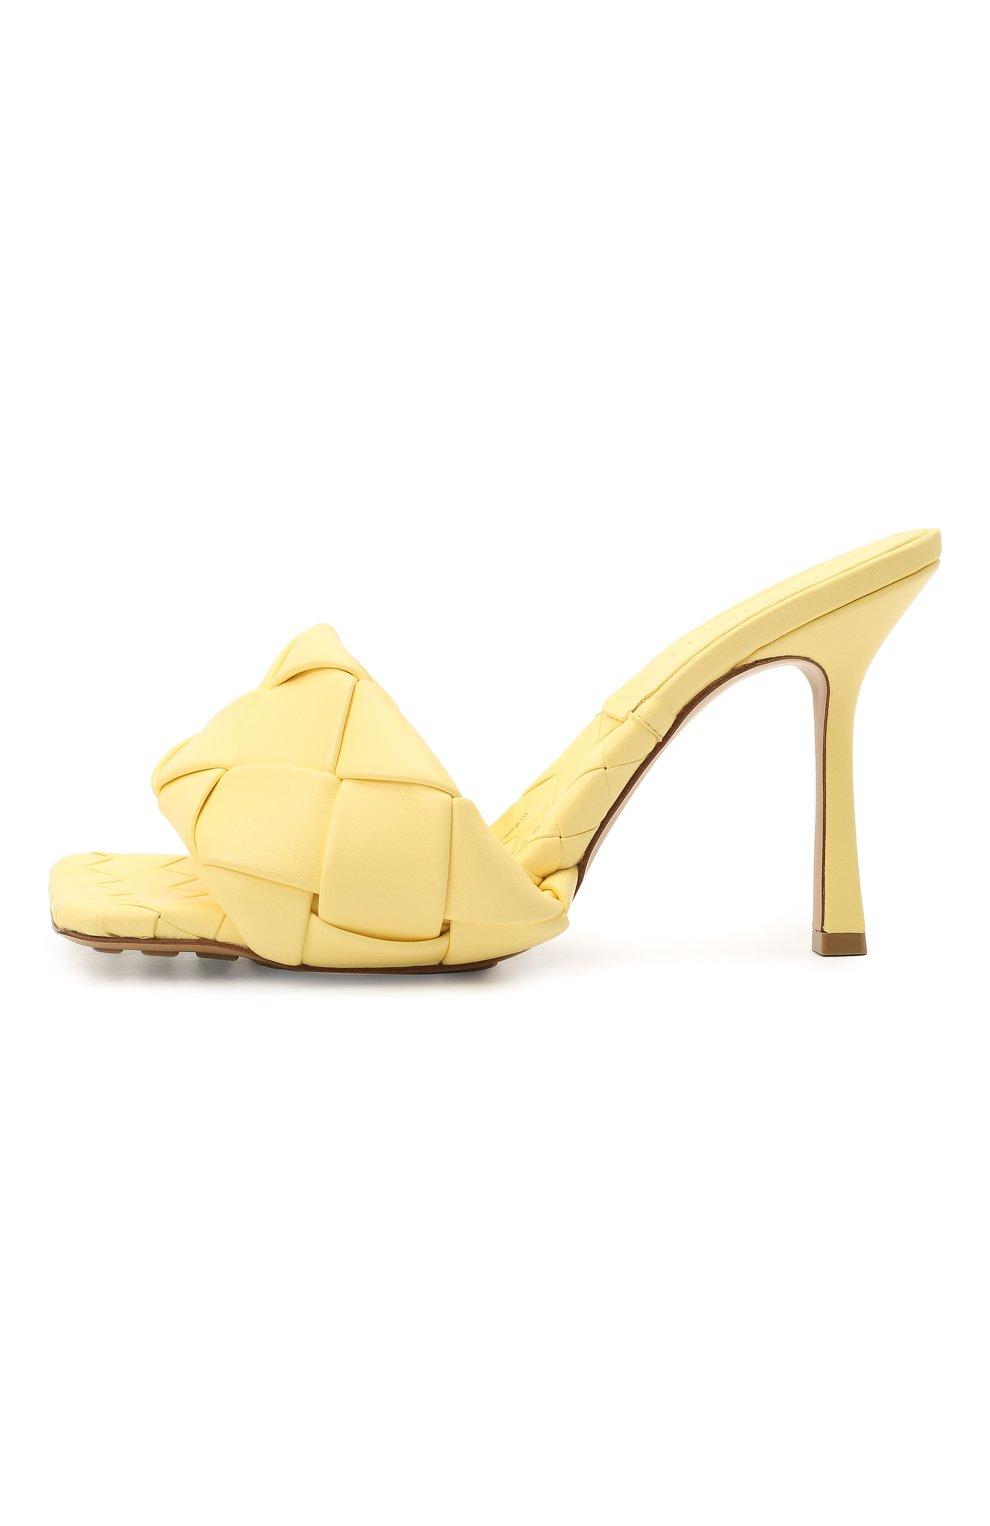 Женские кожаные мюли lido BOTTEGA VENETA желтого цвета, арт. 608854/VBSS0 | Фото 3 (Каблук высота: Высокий; Материал внутренний: Натуральная кожа; Каблук тип: Шпилька; Подошва: Плоская)